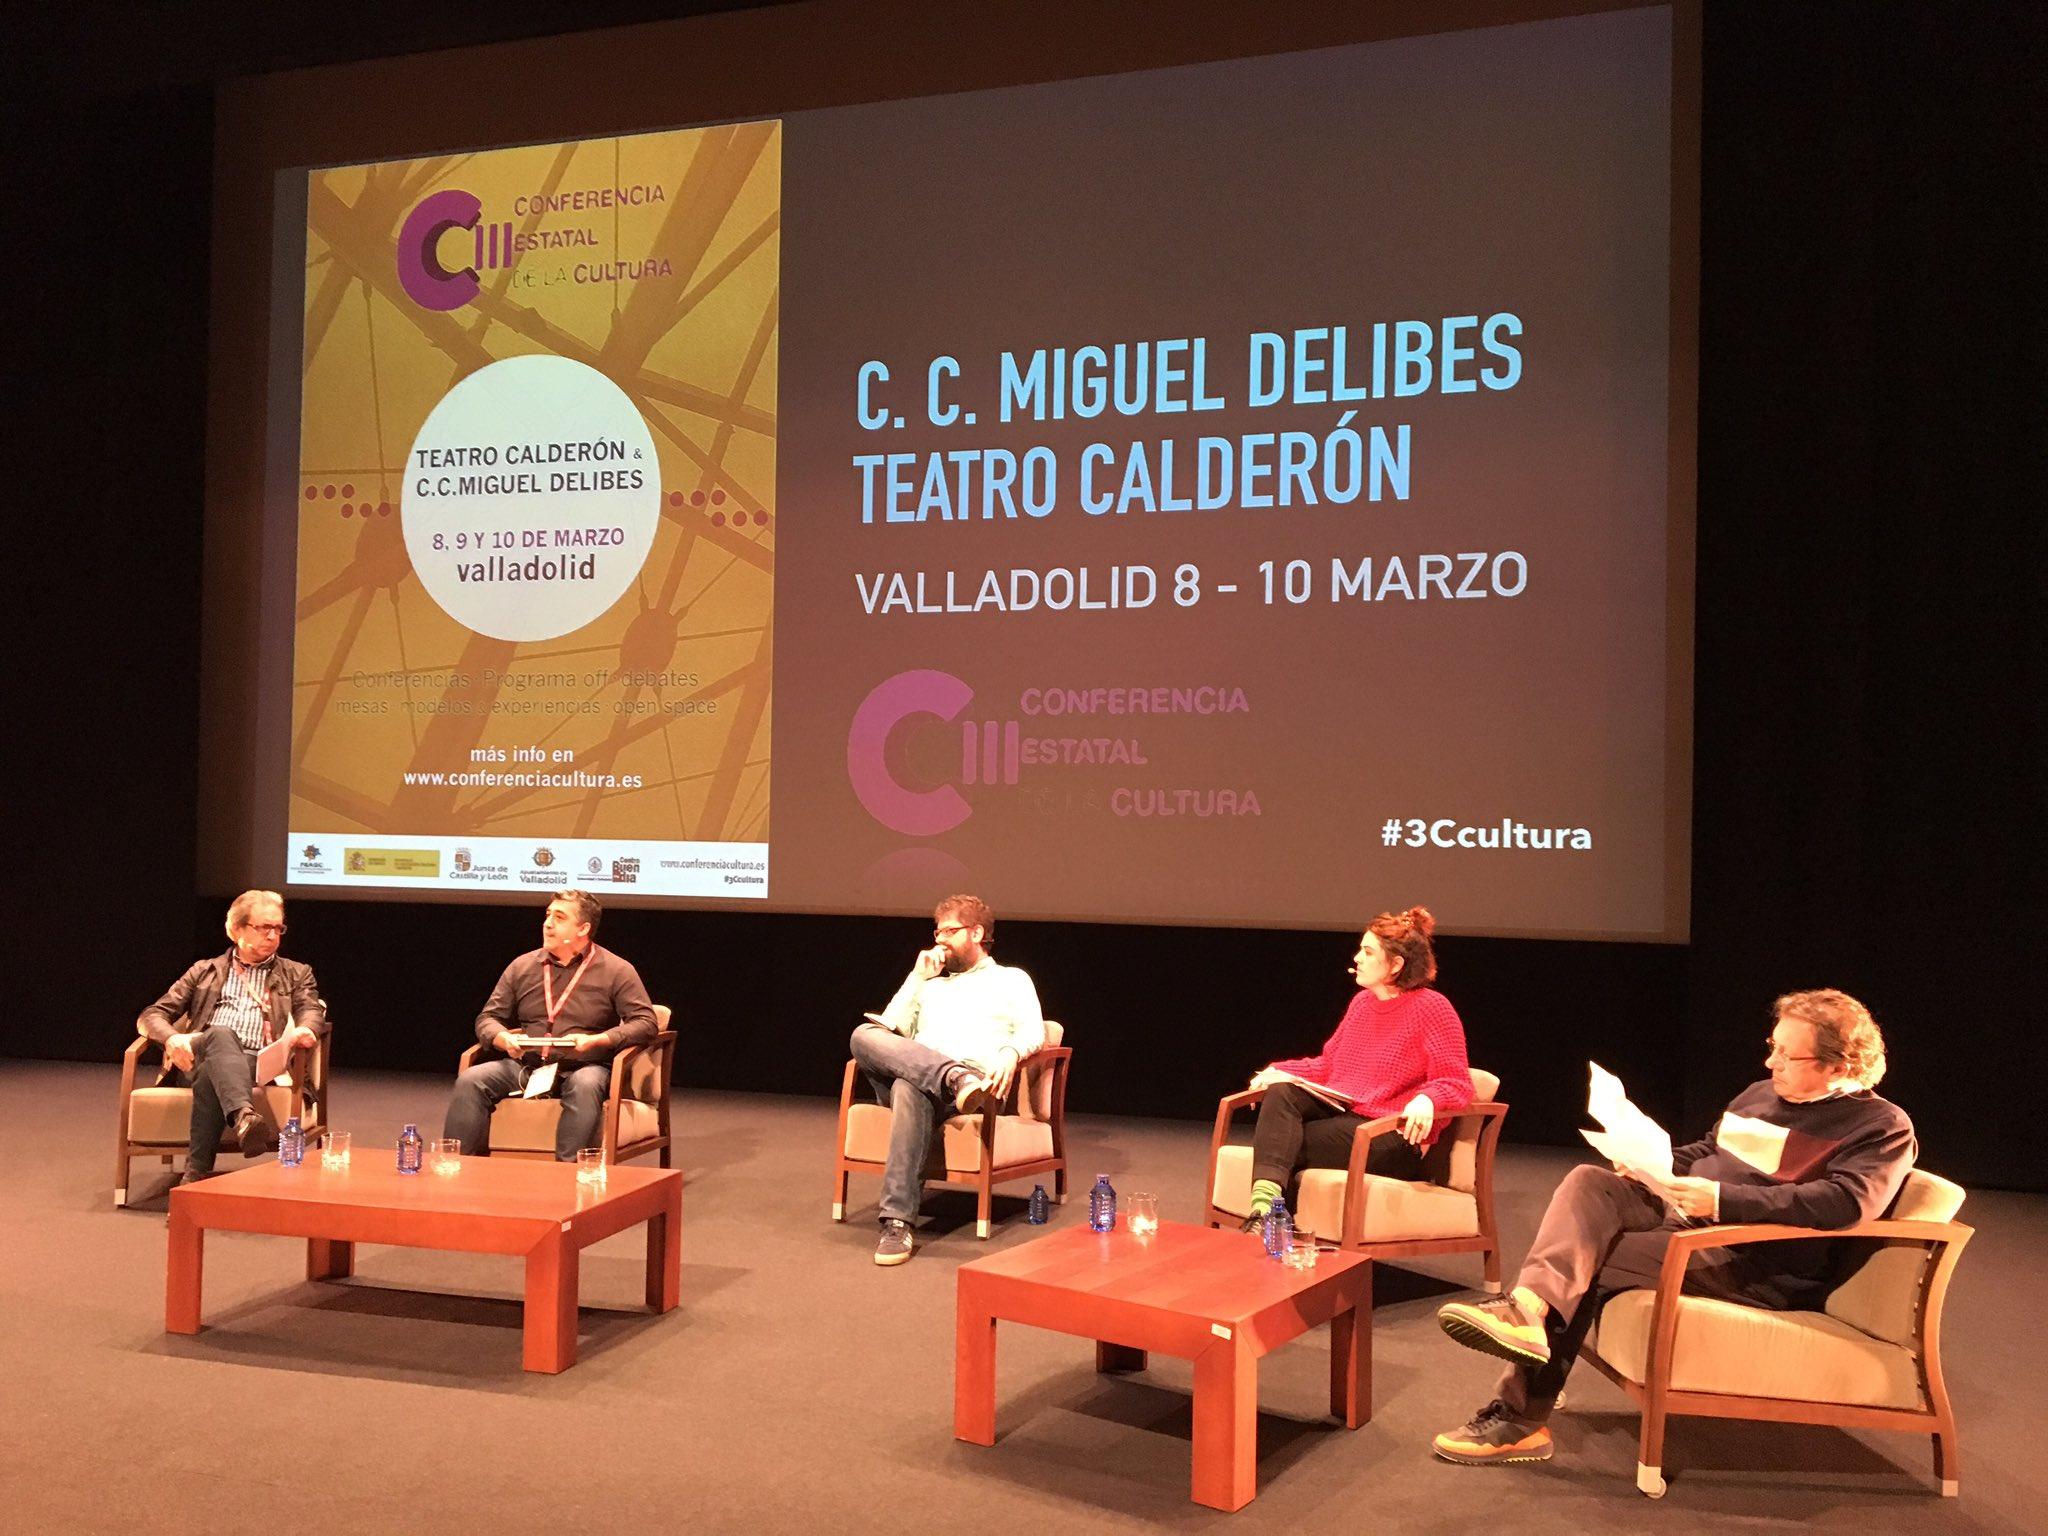 #JesúsAnta presenta #EnJuniolaEsgueva en nombre de las 8 asociaciones vecinales organizadoras en#3ccultura CC @GesCulCyL https://t.co/5HmbiF02Zq